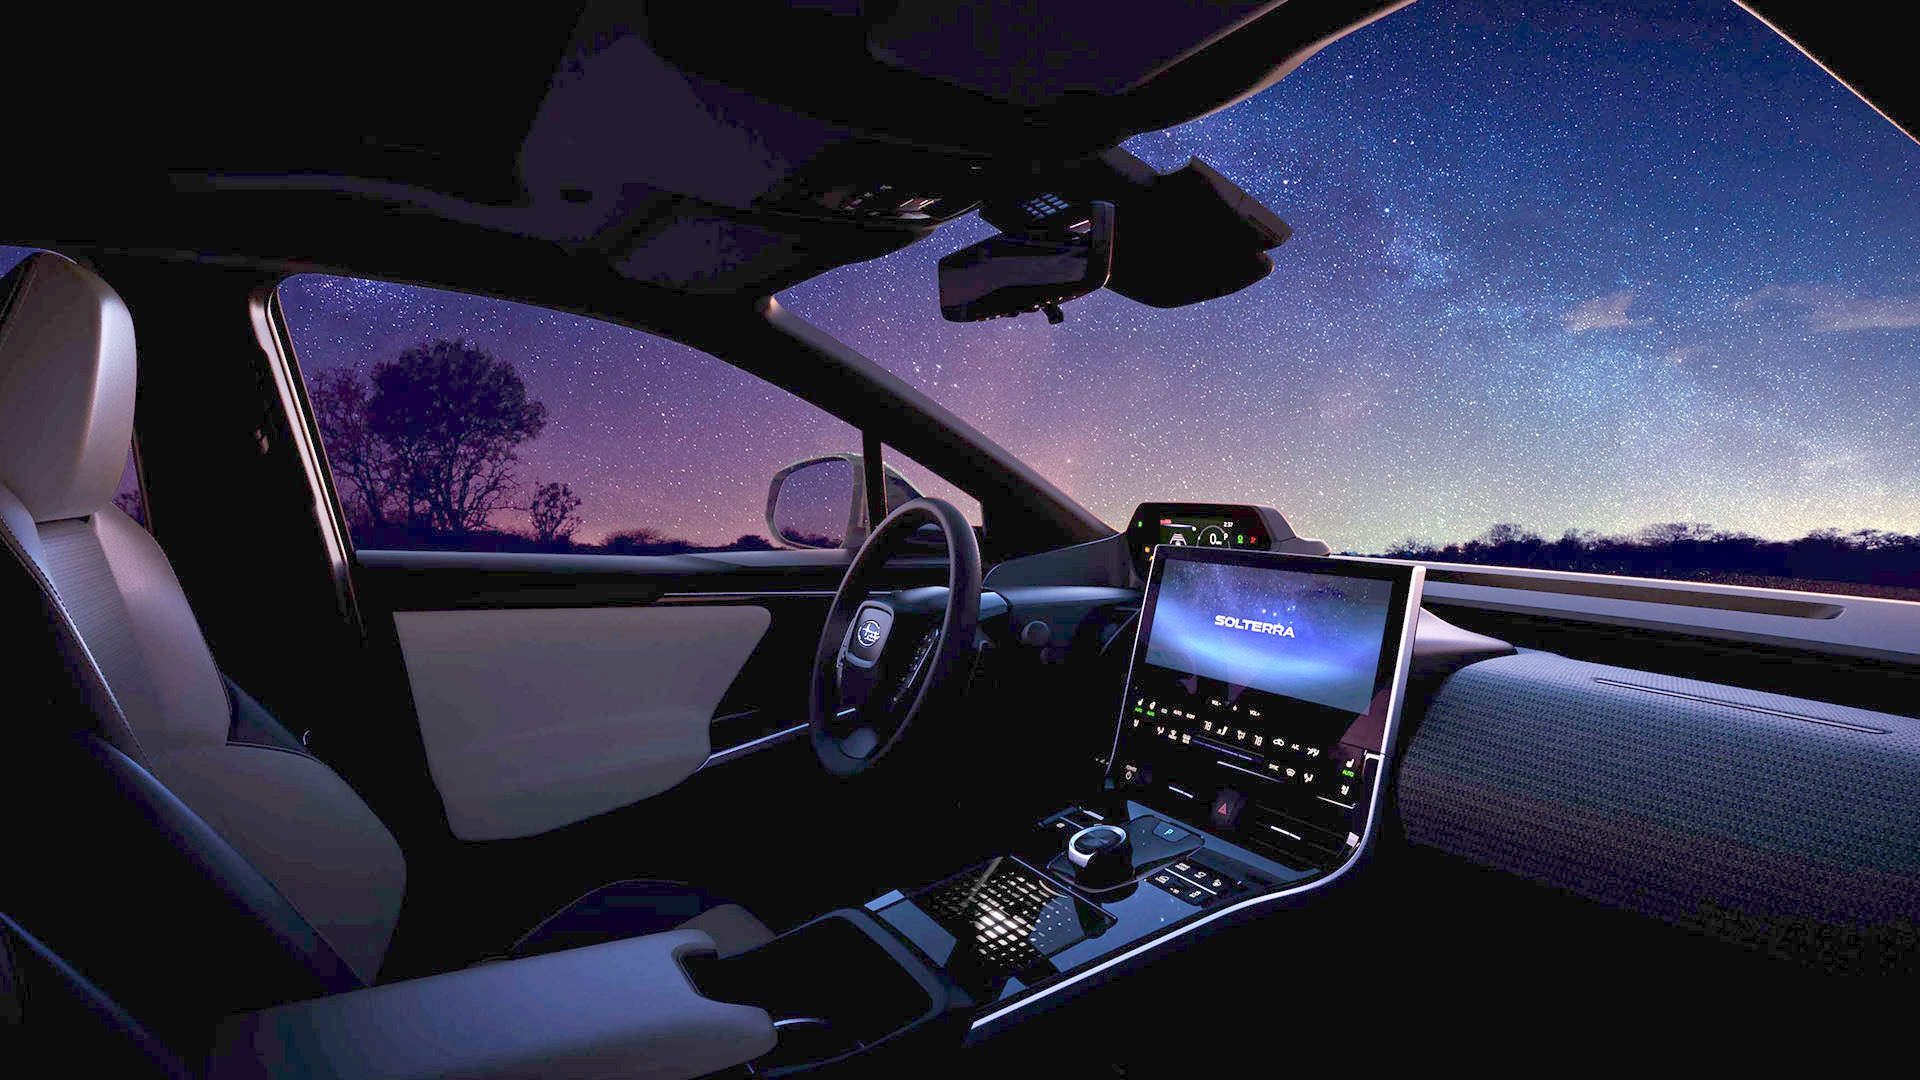 Subaru Solterra chuẩn bị gia nhập thị trường xe điện - 5